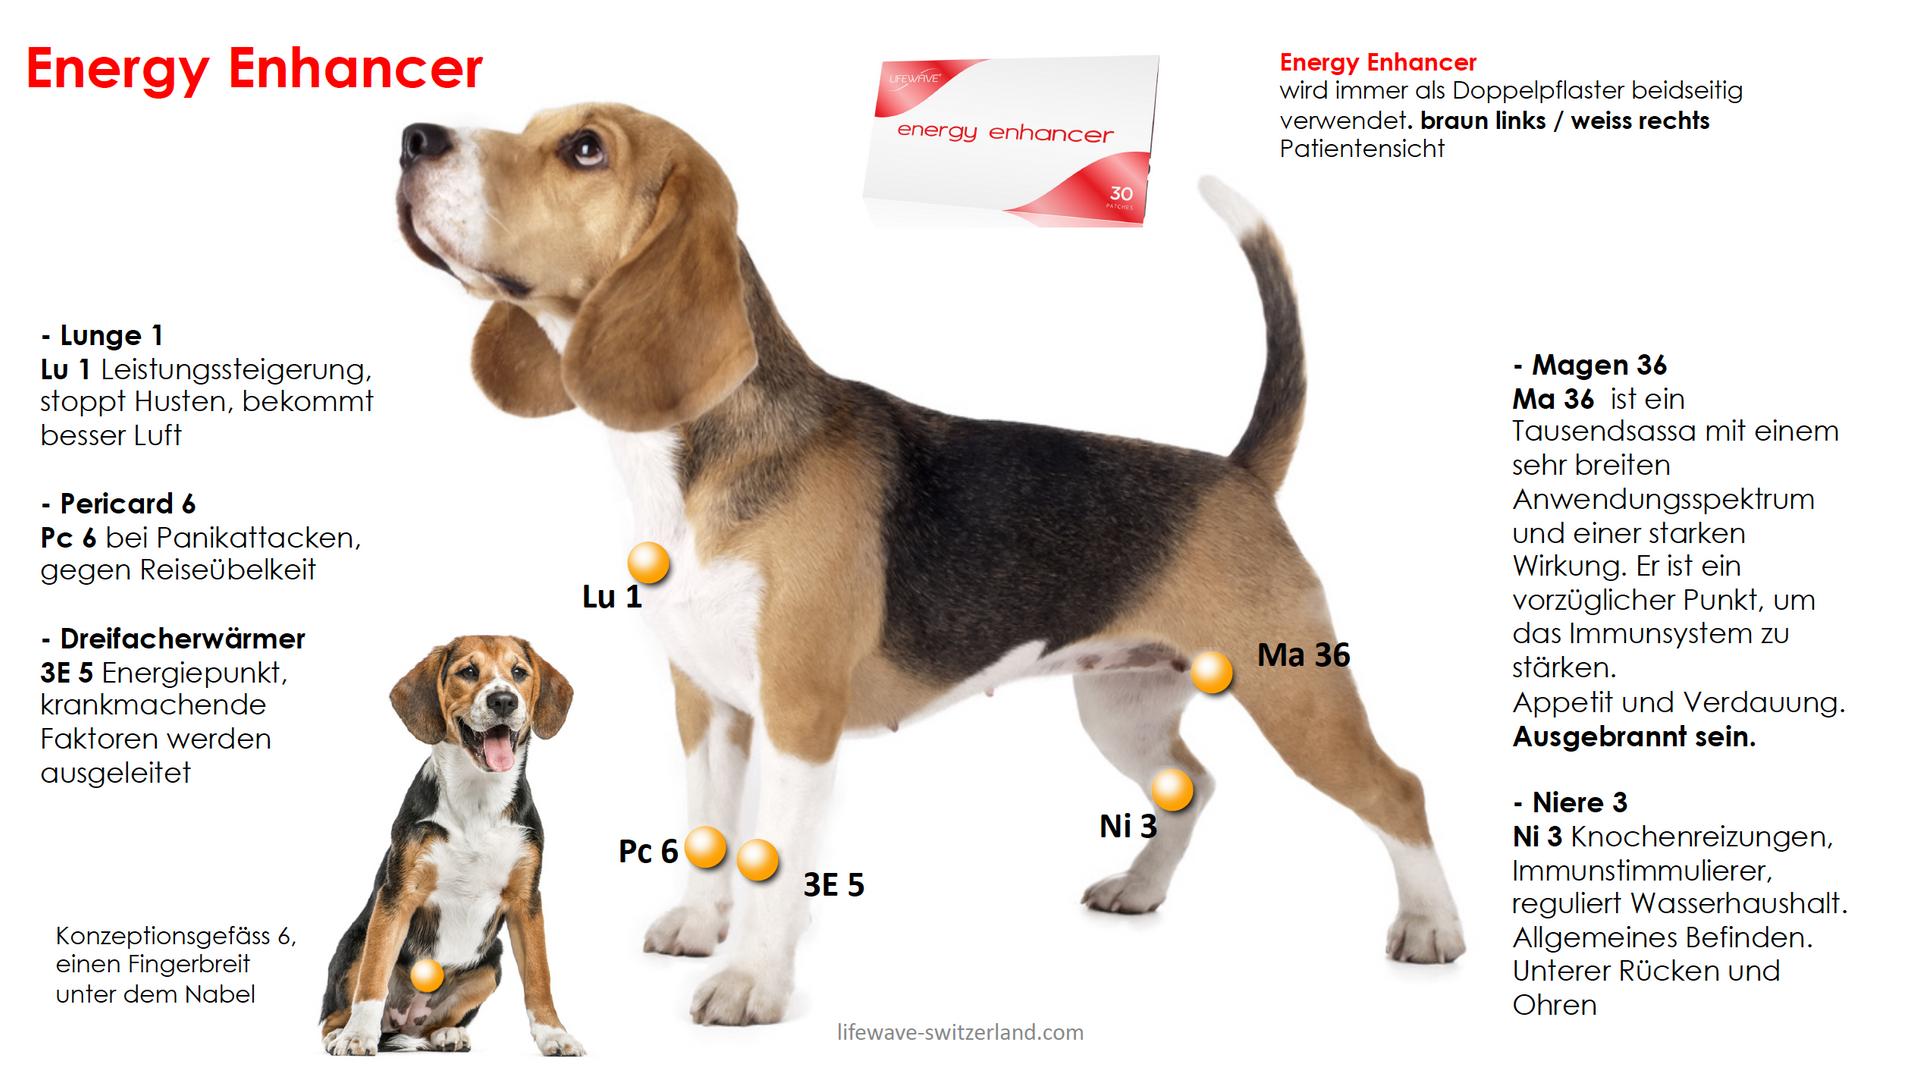 2.6 Energy Enhancer.png